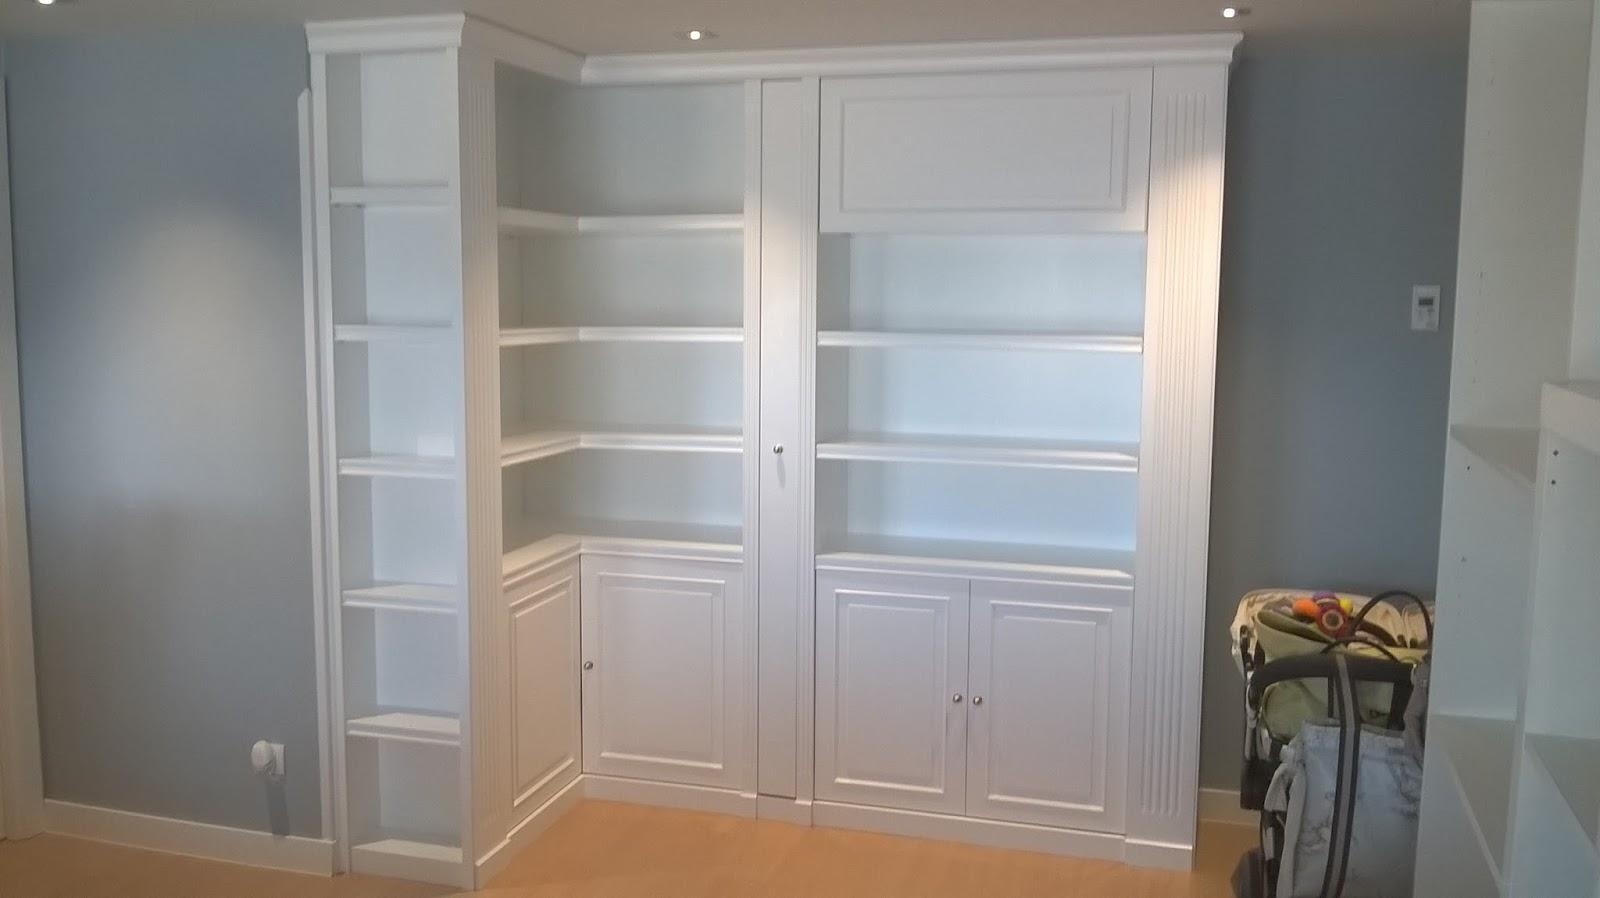 Librerias a medida madrid muebles librerias lacadas de - Mueble libreria a medida ...